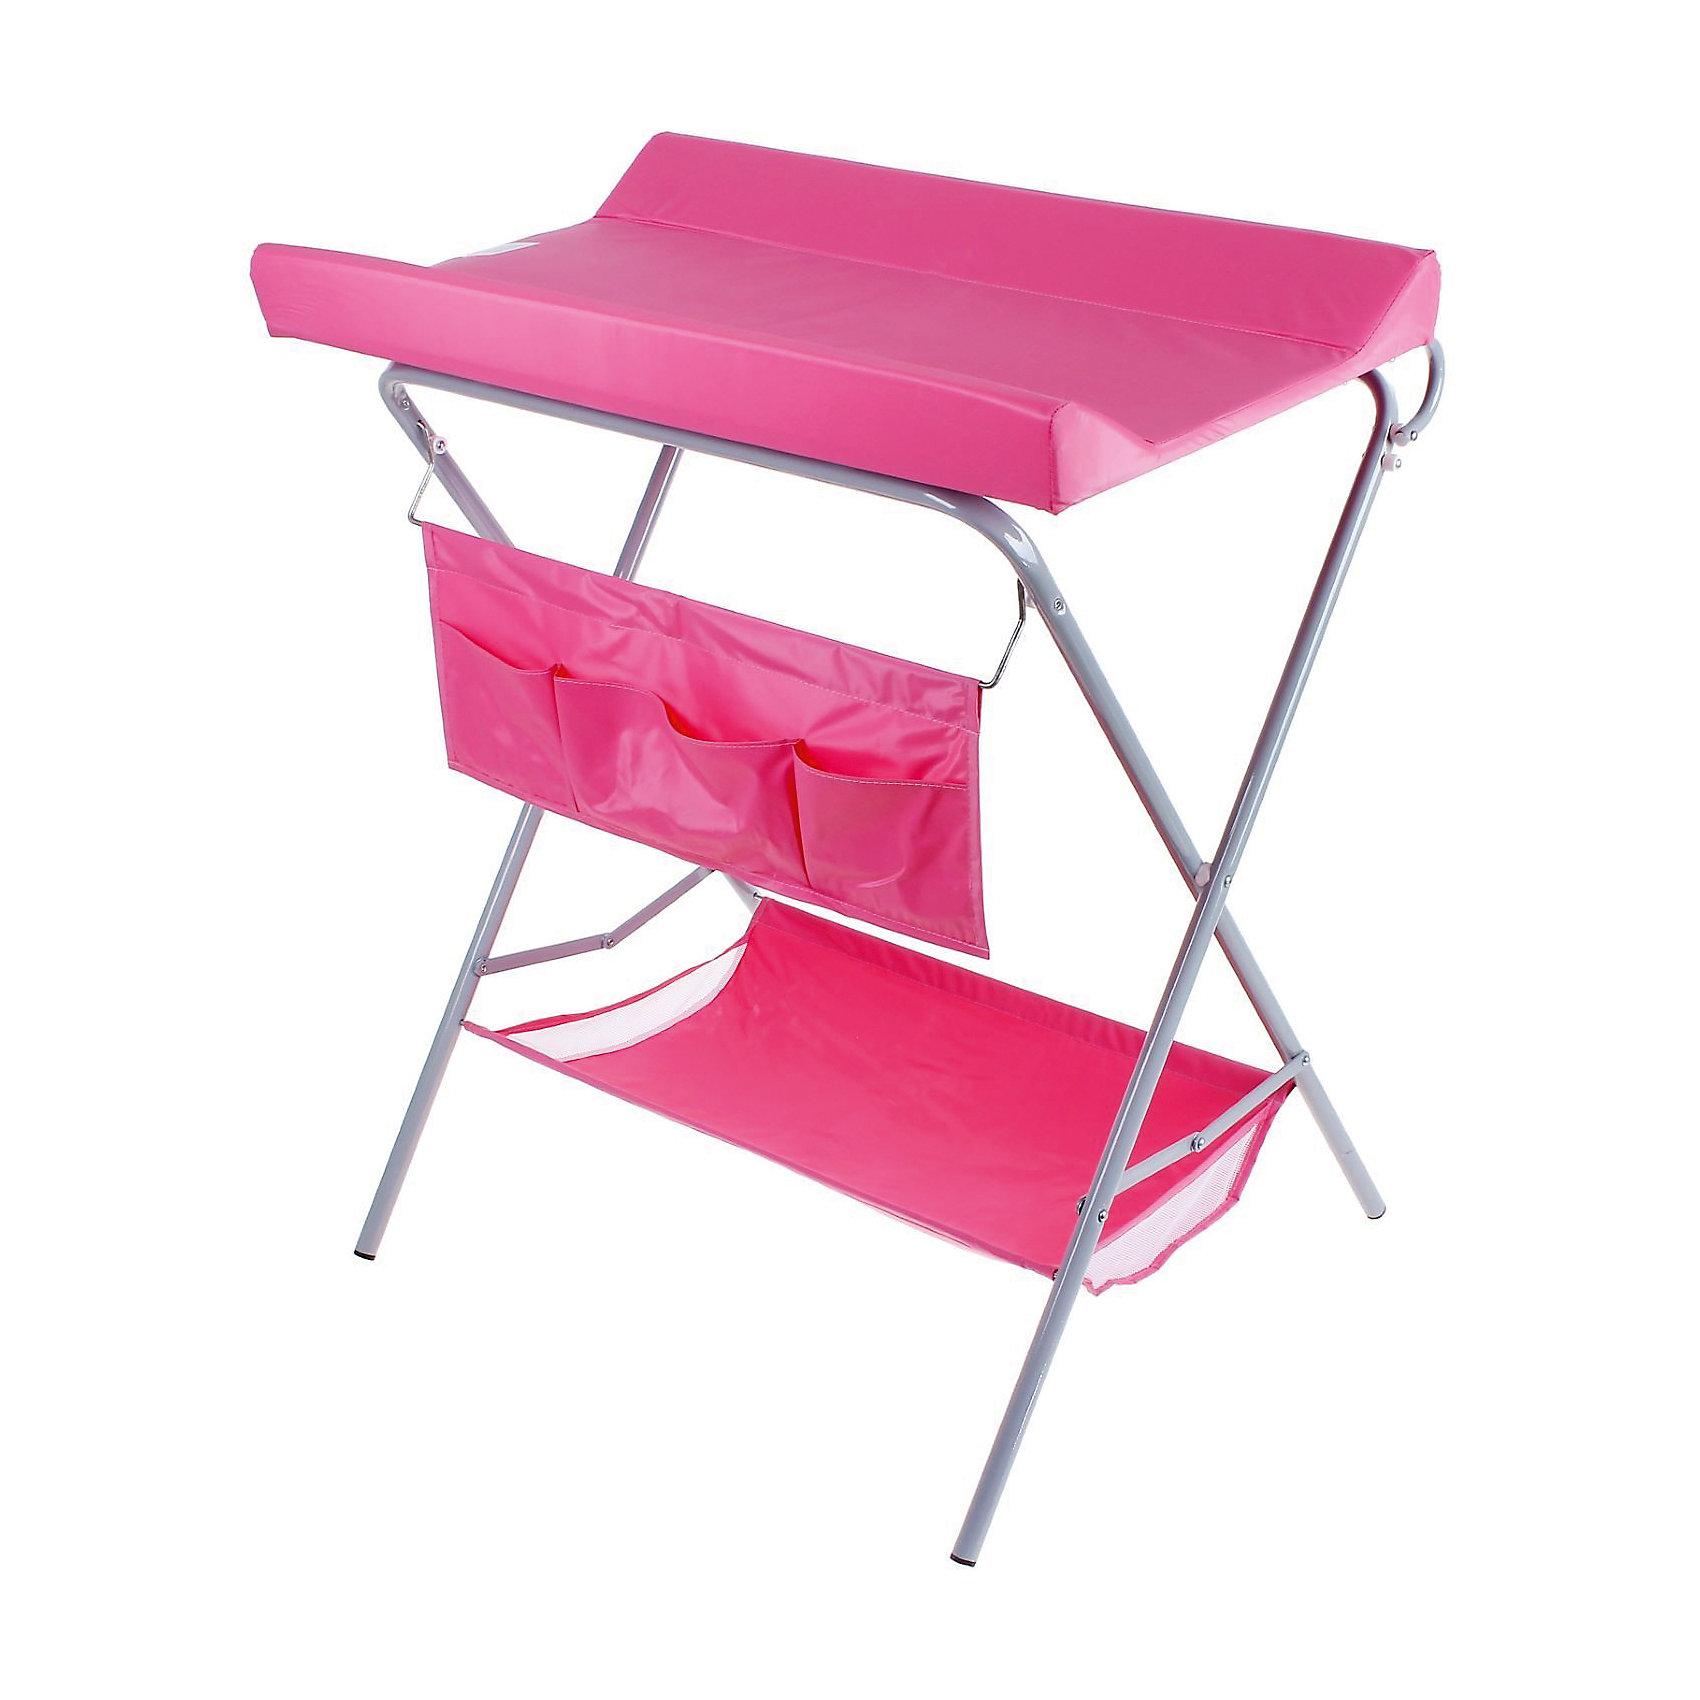 Пеленальный столик, Фея, розовыйВсе для пеленания<br>Характеристики:<br><br>• практичный пеленальный столик для проведения гигиенических процедур;<br>• есть возможность установить ванночку для купания новорожденного;<br>• обратите внимание: ванночка приобретается отдельно;<br>• внизу имеется тканевая корзина для детских вещей;<br>• имеется органайзер с кармашками для аксессуаров по уходу за малышом;<br>• столик компактно складывается;<br>• материал: алюминий, пластик, полиэстер;<br>• вес ребенка: до 13 кг;<br>• размер столика: 78,5х55,3х95 см;<br>• вес: 7 кг.<br><br>Компактный и практичный пеленальный столик используется во время пеленания новорожденного, проведения гигиенических процедур, смены подгузника. Дополнительно на основание столика можно установить ванночку – тогда мамочка сможет держать ровно спину в процессе купания младенца и не ощущать боли в пояснице. Доска откидная, не помешает установить ванночку. Столик для пеленания оснащен дополнительными отсеками, чтобы иметь все необходимое под рукой – корзинка внизу и боковые кармашки. Столик компактно складывается для хранения и транспортировки. <br><br>Пеленальный столик, Фея, розовый можно купить в нашем интернет-магазине.<br><br>Ширина мм: 915<br>Глубина мм: 410<br>Высота мм: 780<br>Вес г: 7000<br>Возраст от месяцев: 0<br>Возраст до месяцев: 12<br>Пол: Женский<br>Возраст: Детский<br>SKU: 5197371